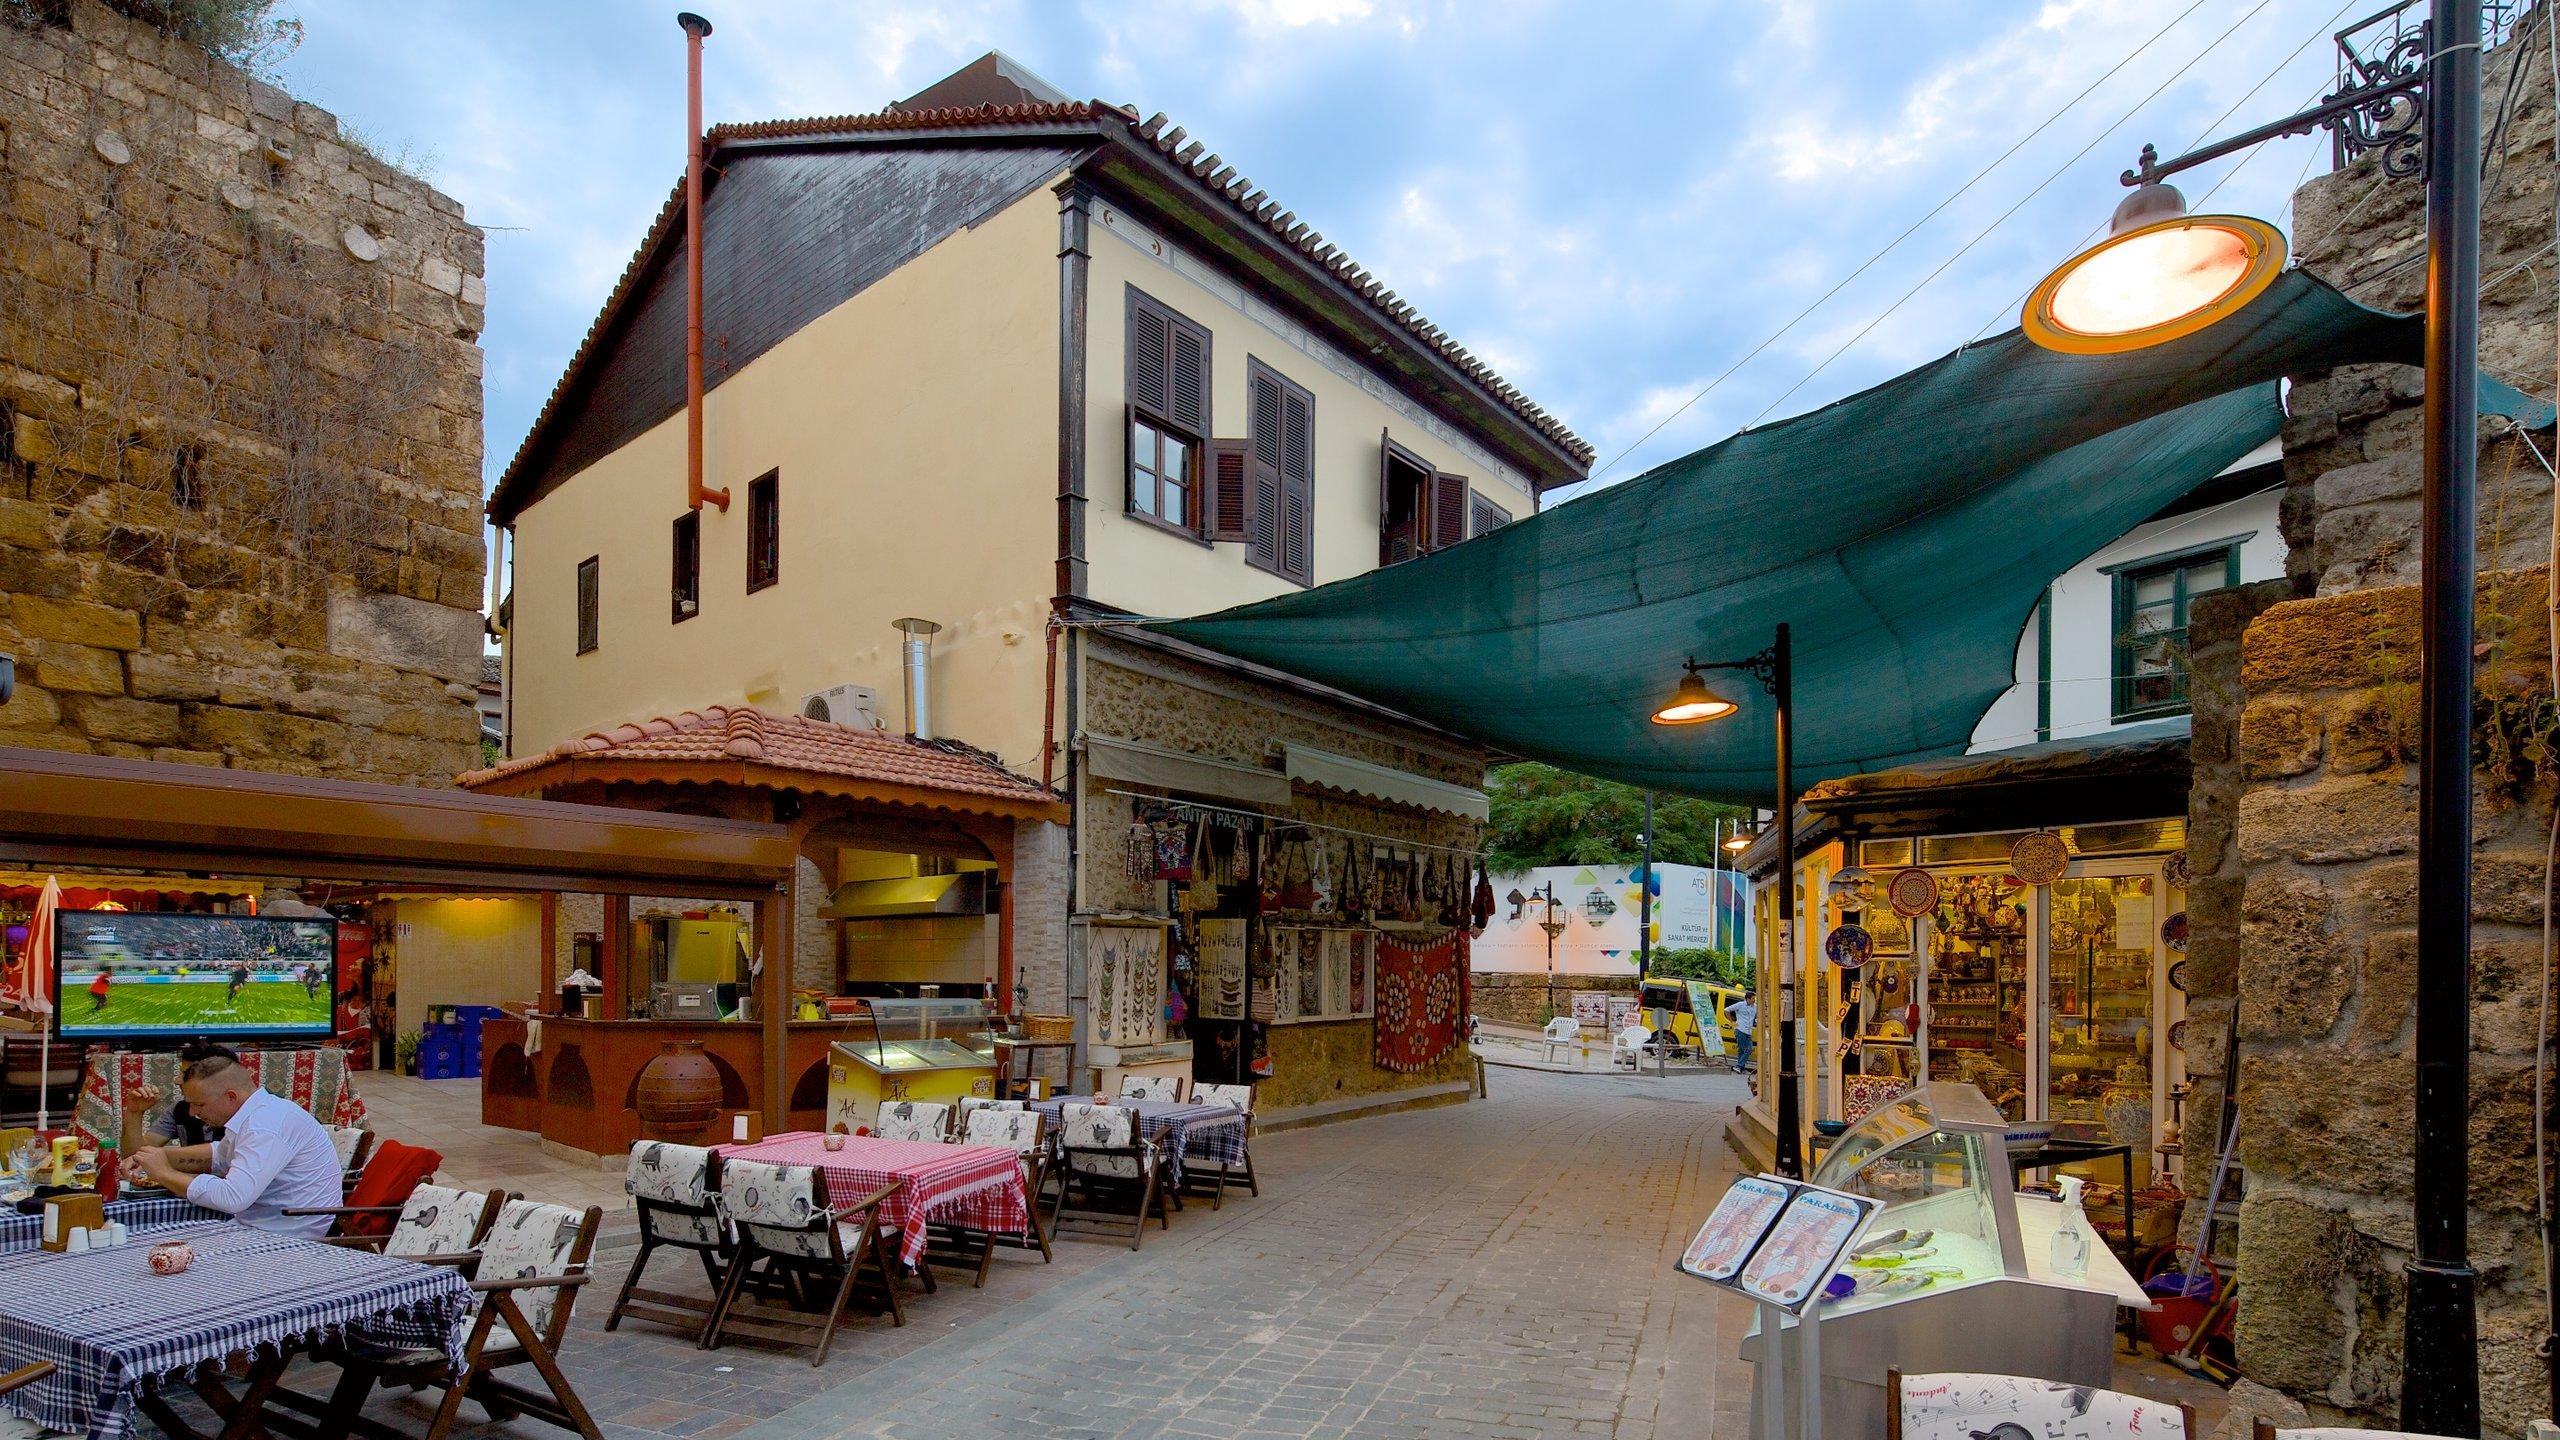 Antalya Region, Turkey